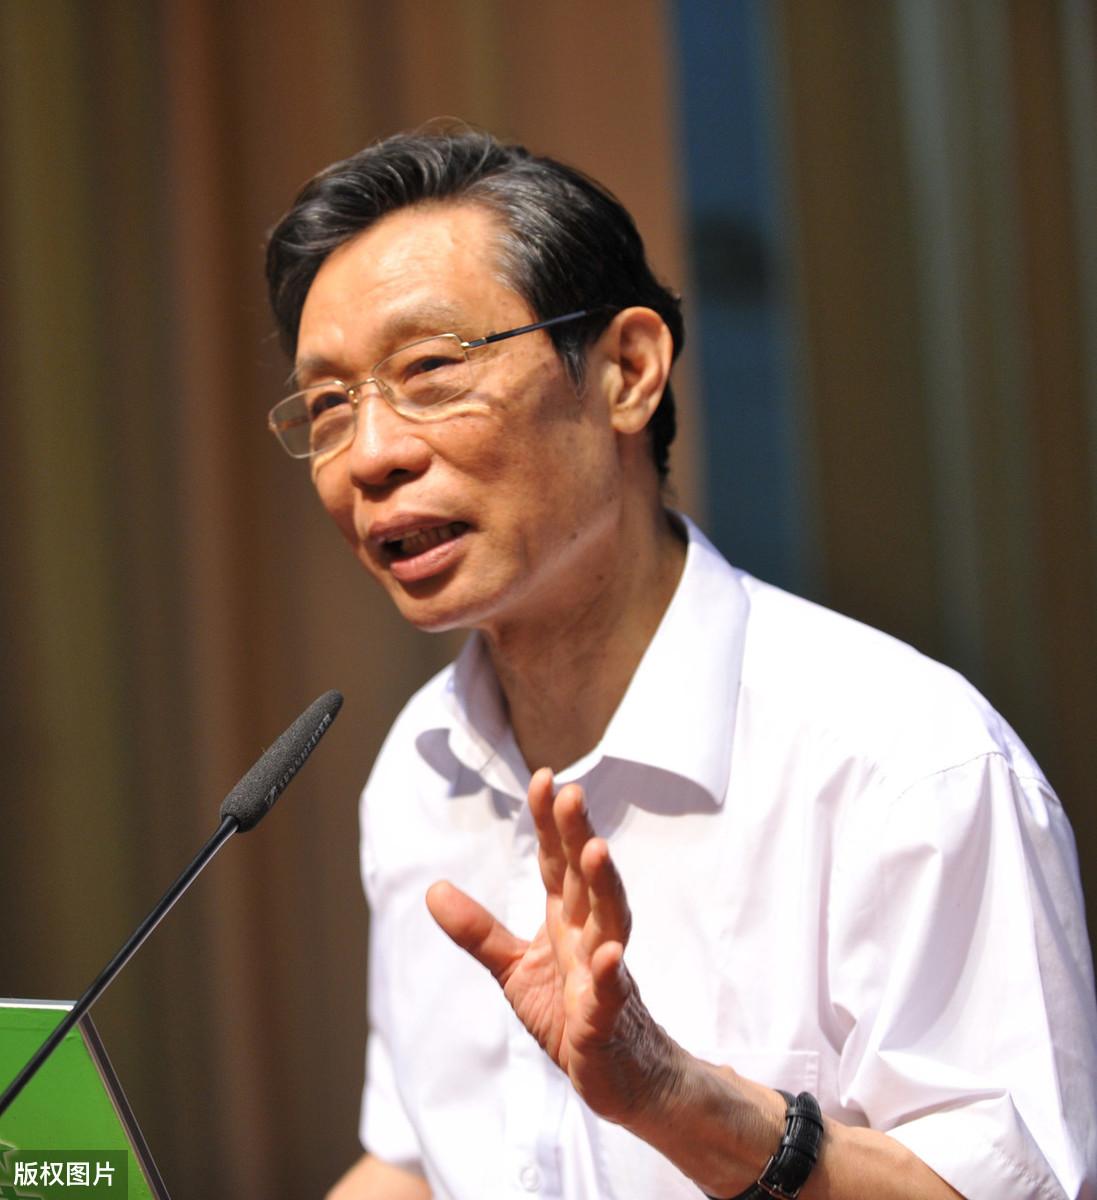 钟南山公布自己的一日三餐合理又规律怪不得84岁还那么年轻